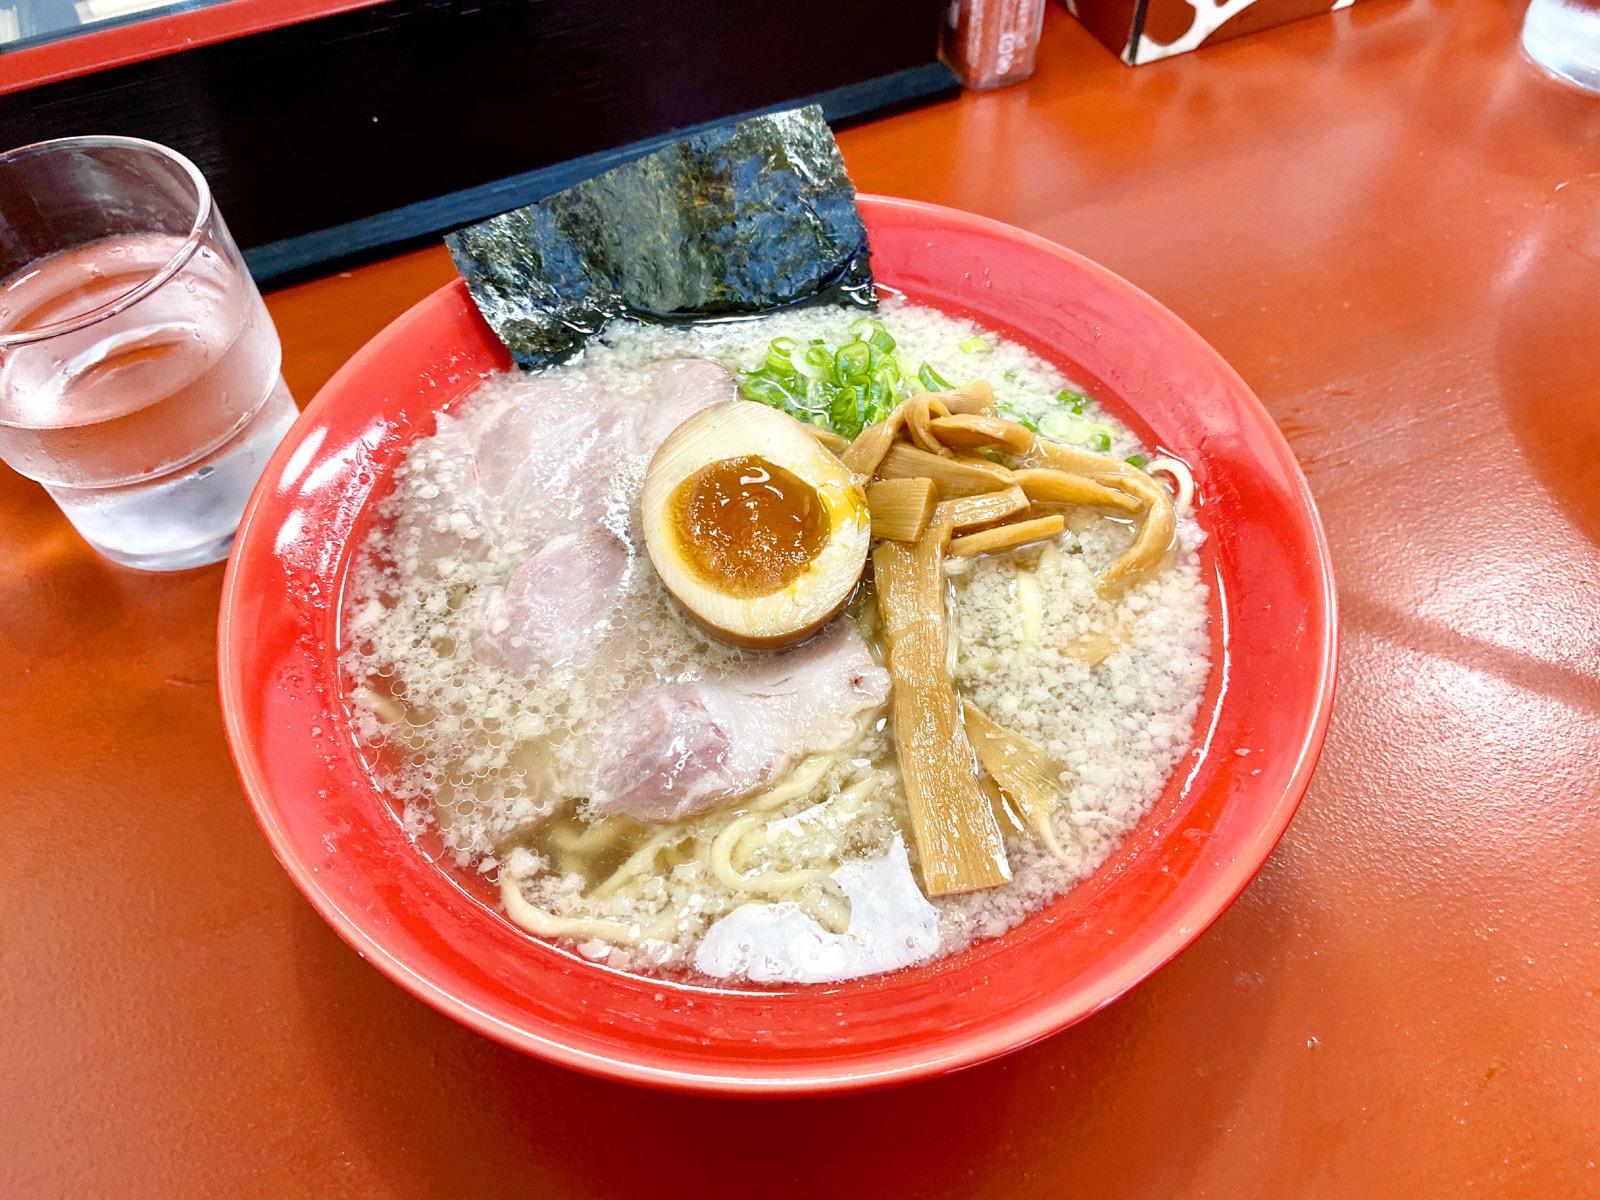 はまんど(平手打ち麺) 780円